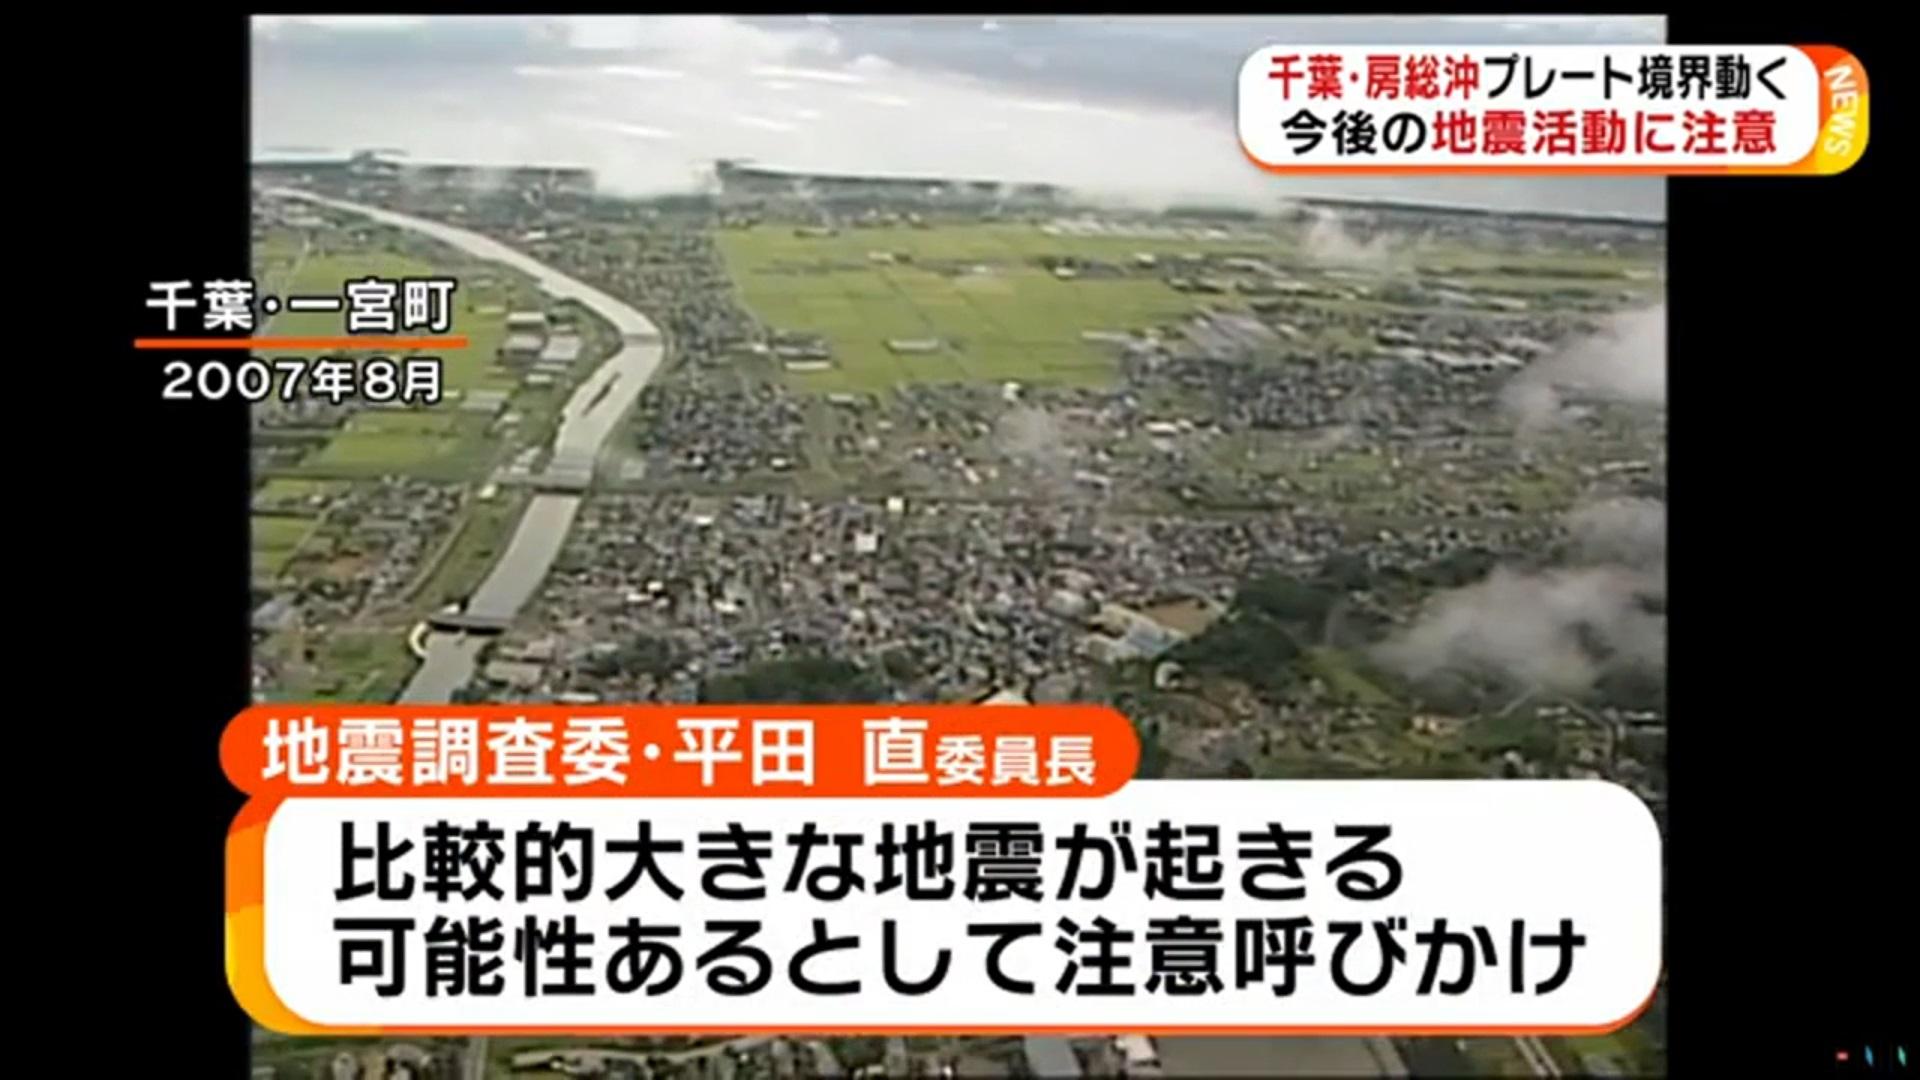 地震調査委員会の平田直委員長が千葉県房総半島沖に注意呼びかけ